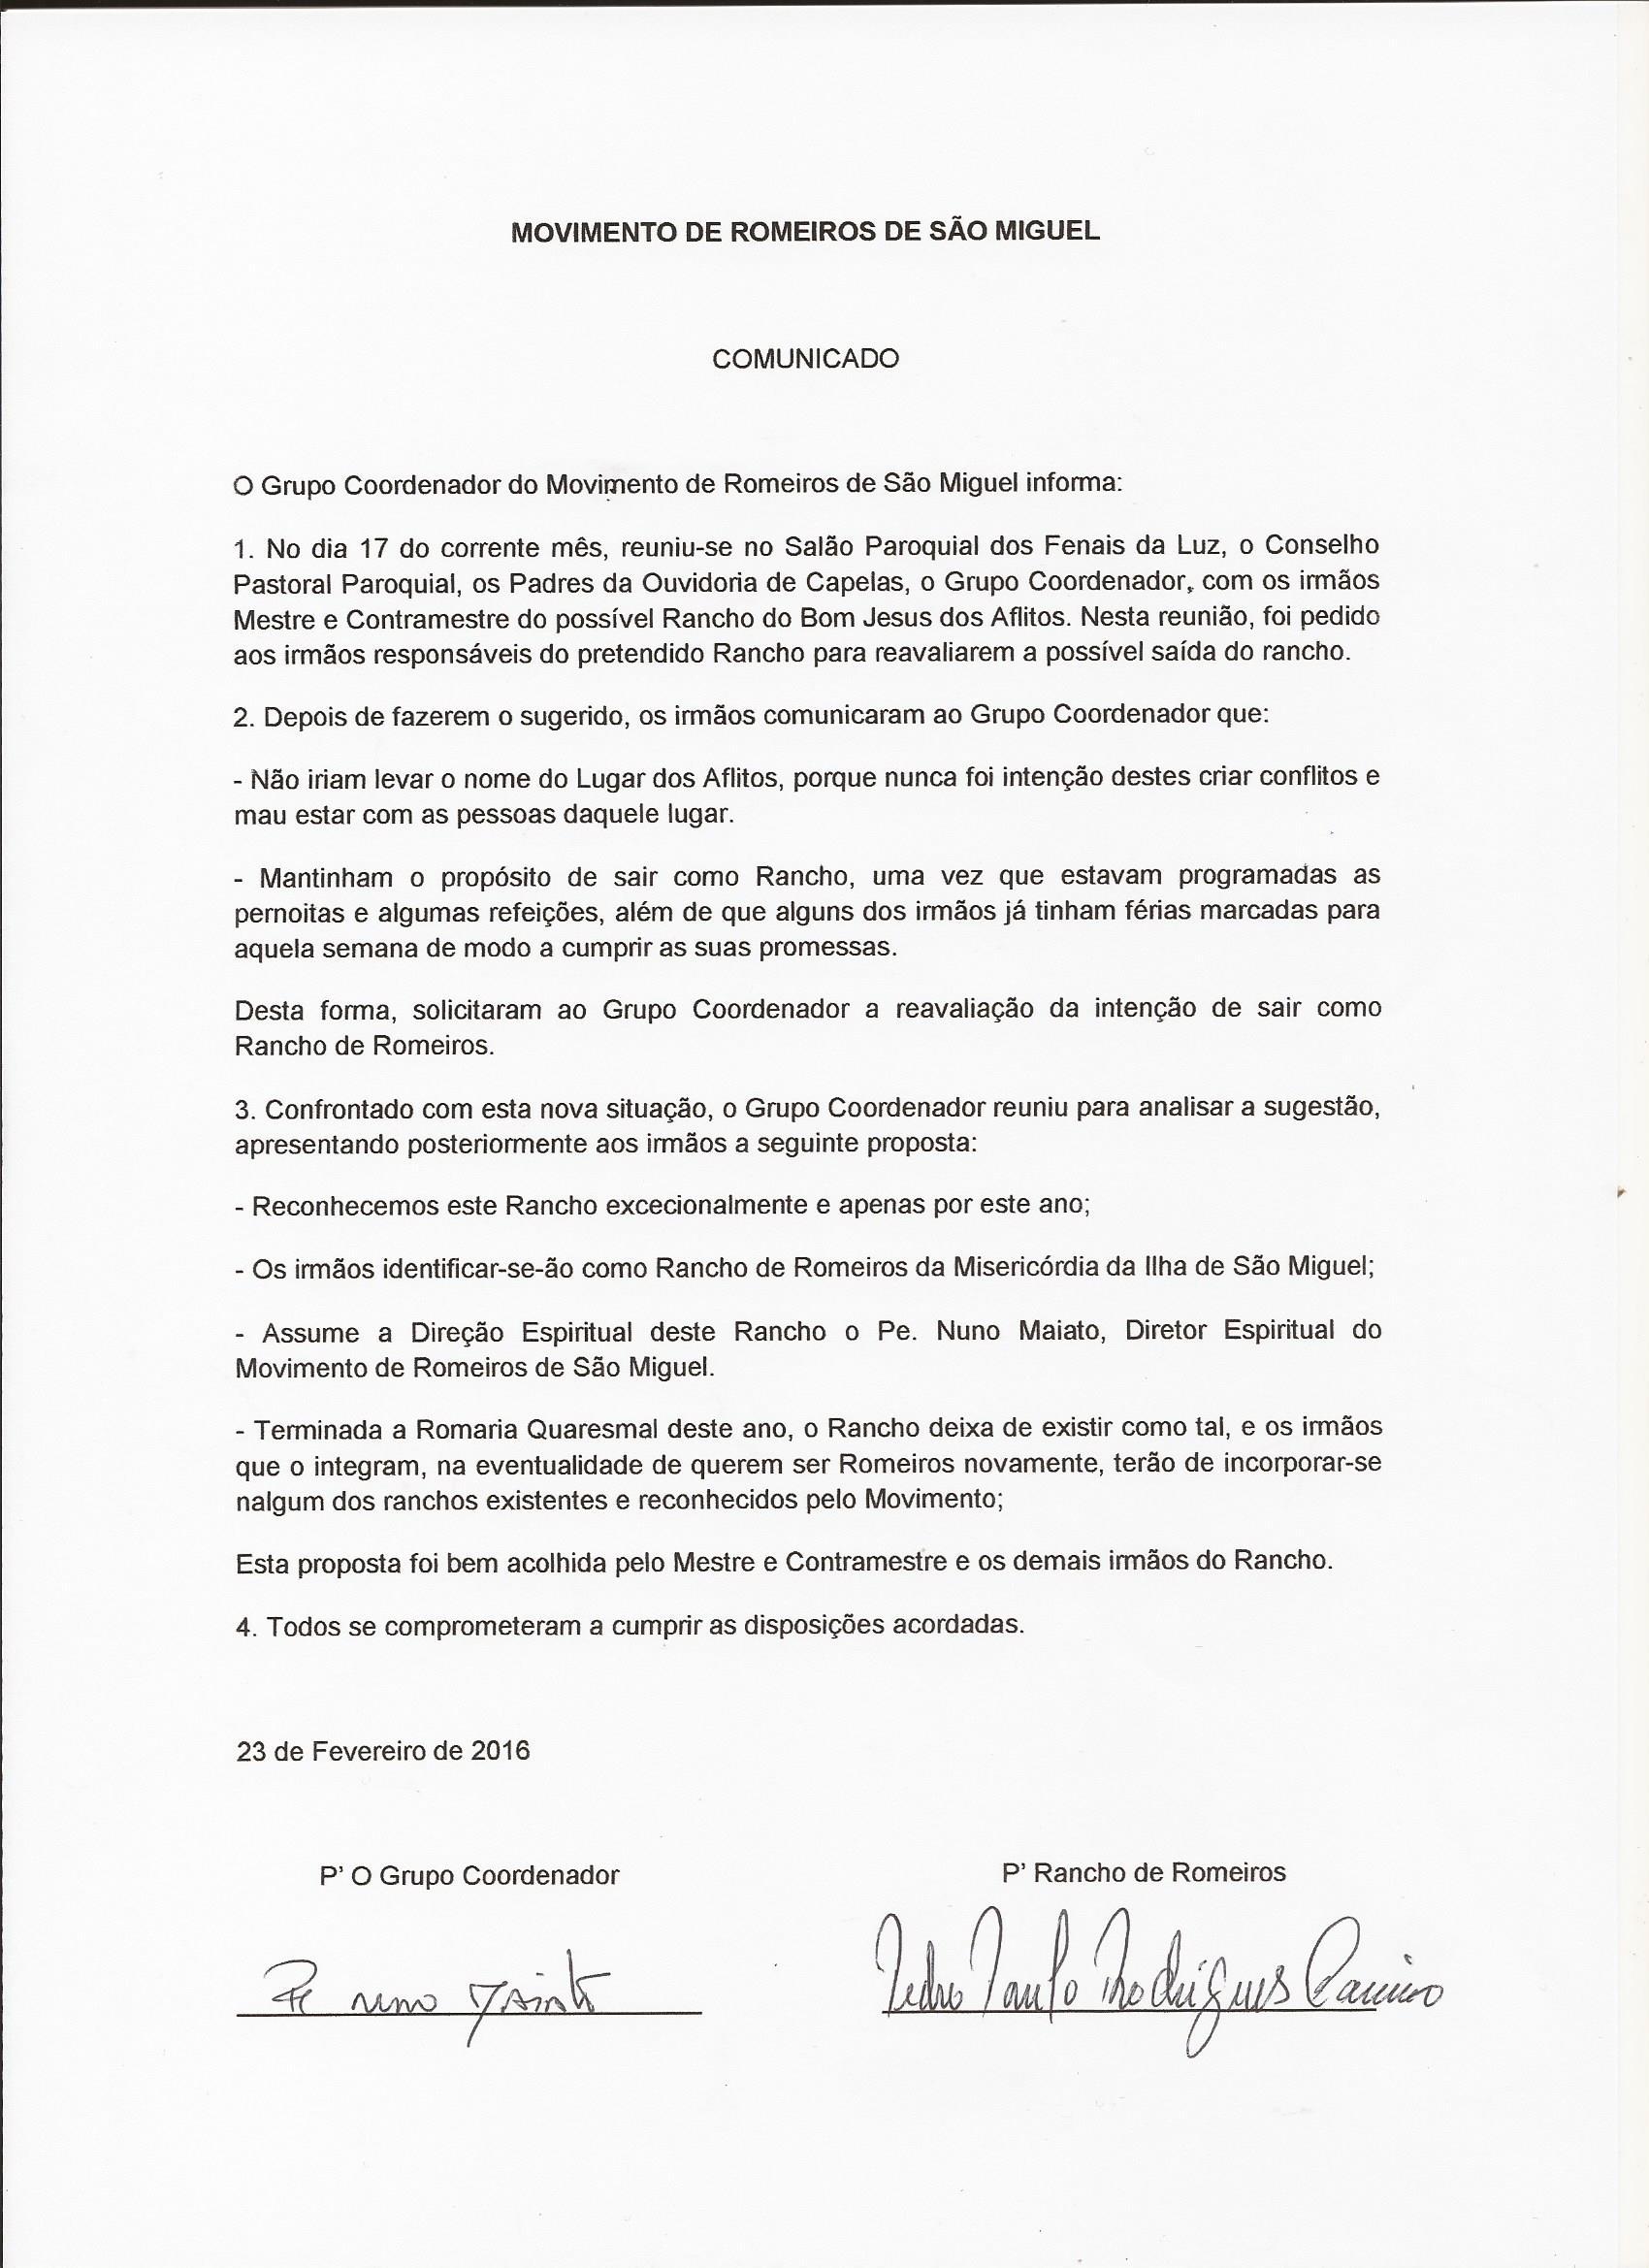 MRSM-Comunicado 24_02_2016